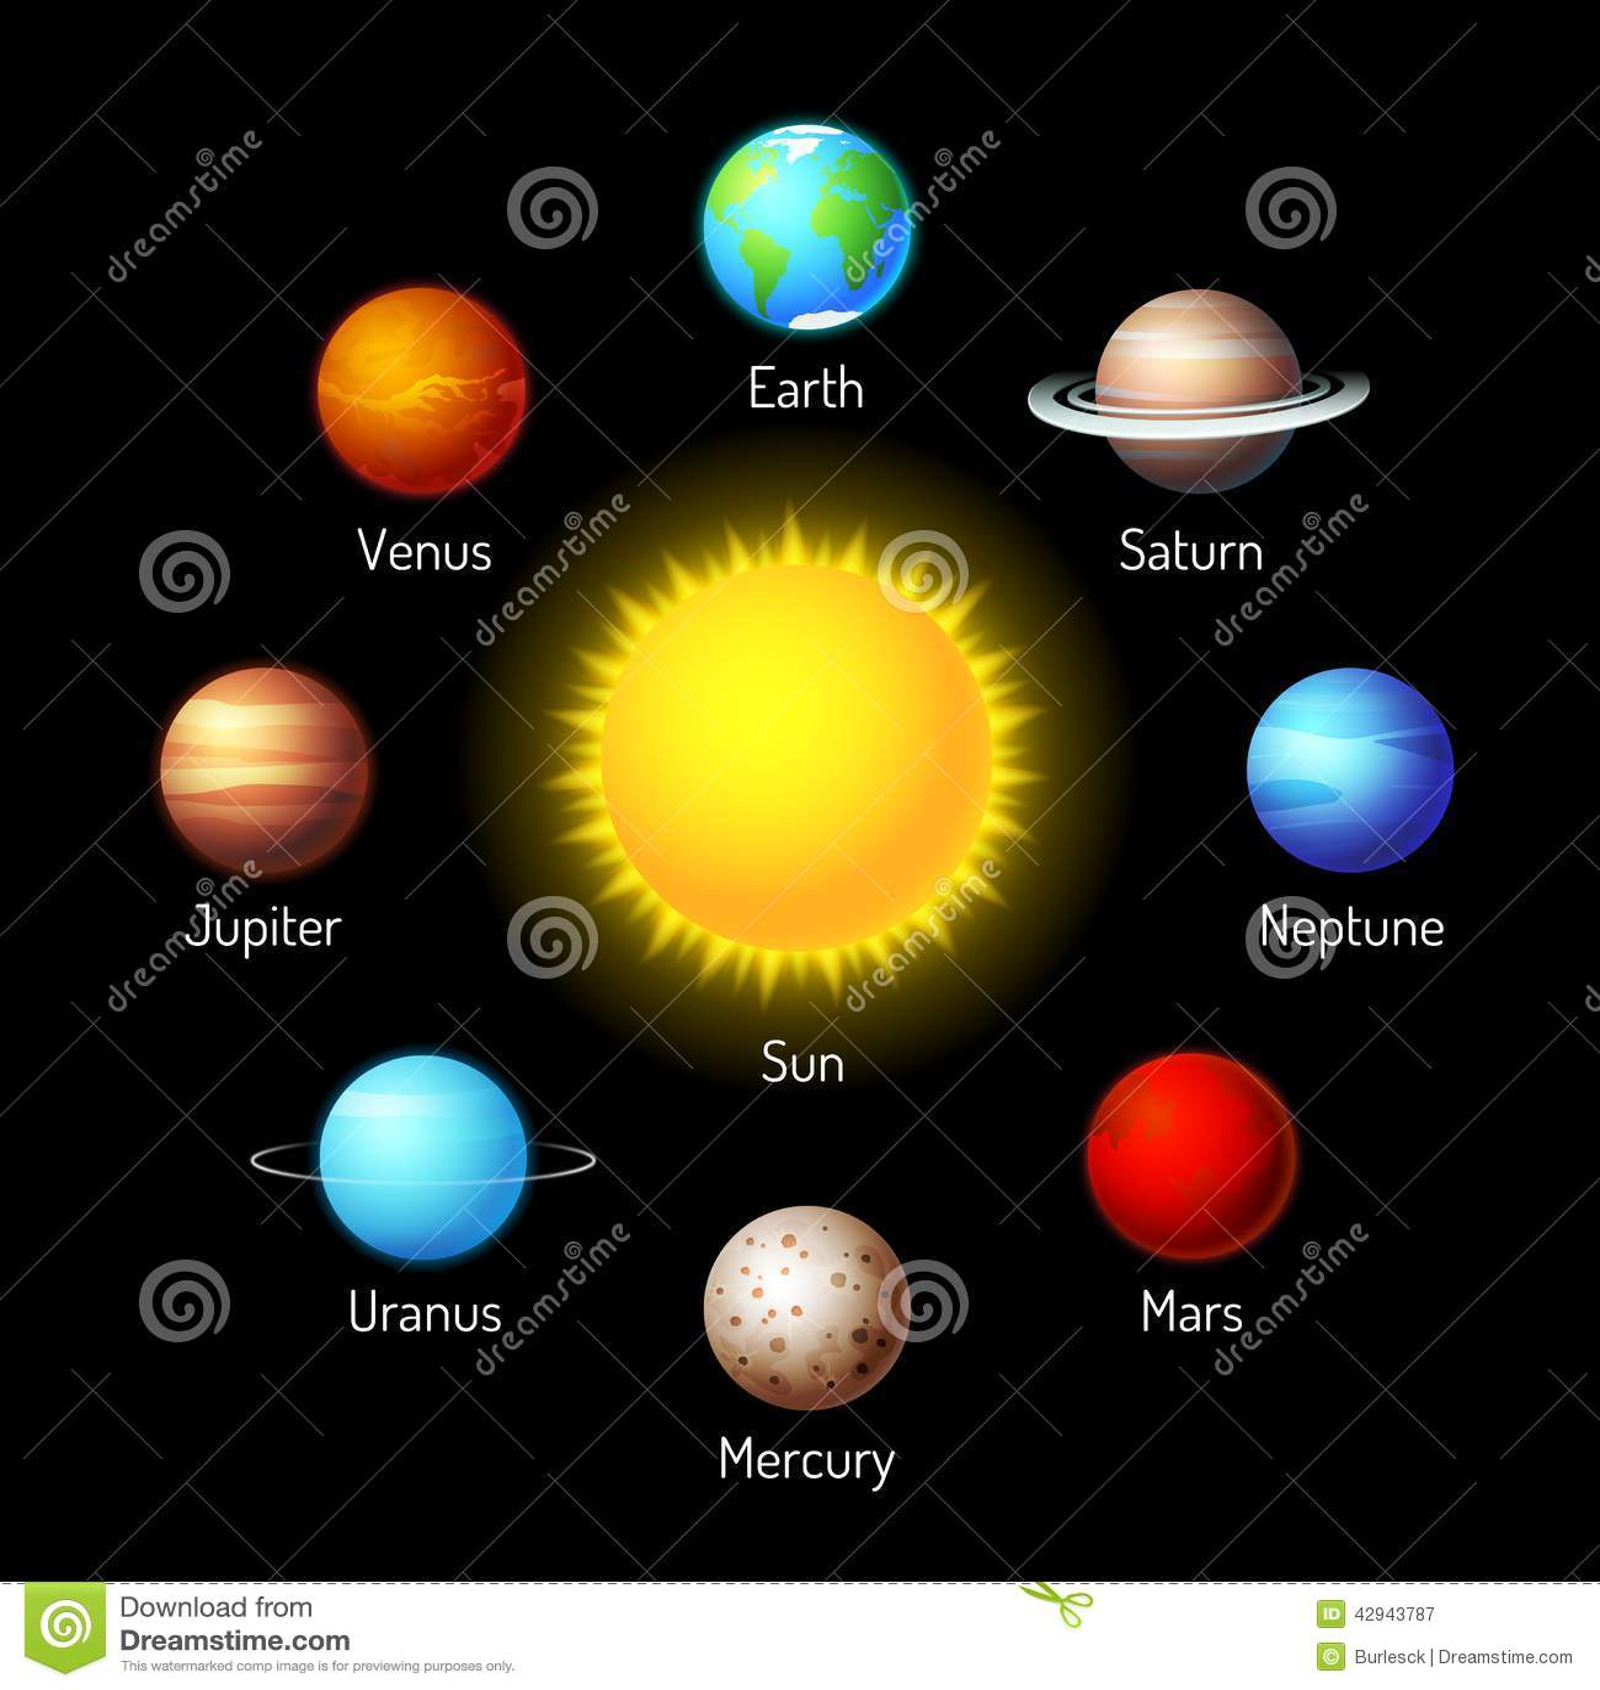 Iconos De Los Planetas Ilustraci 243 N Del Vector Imagen De Planet Coloring Pages With The 9 Planets